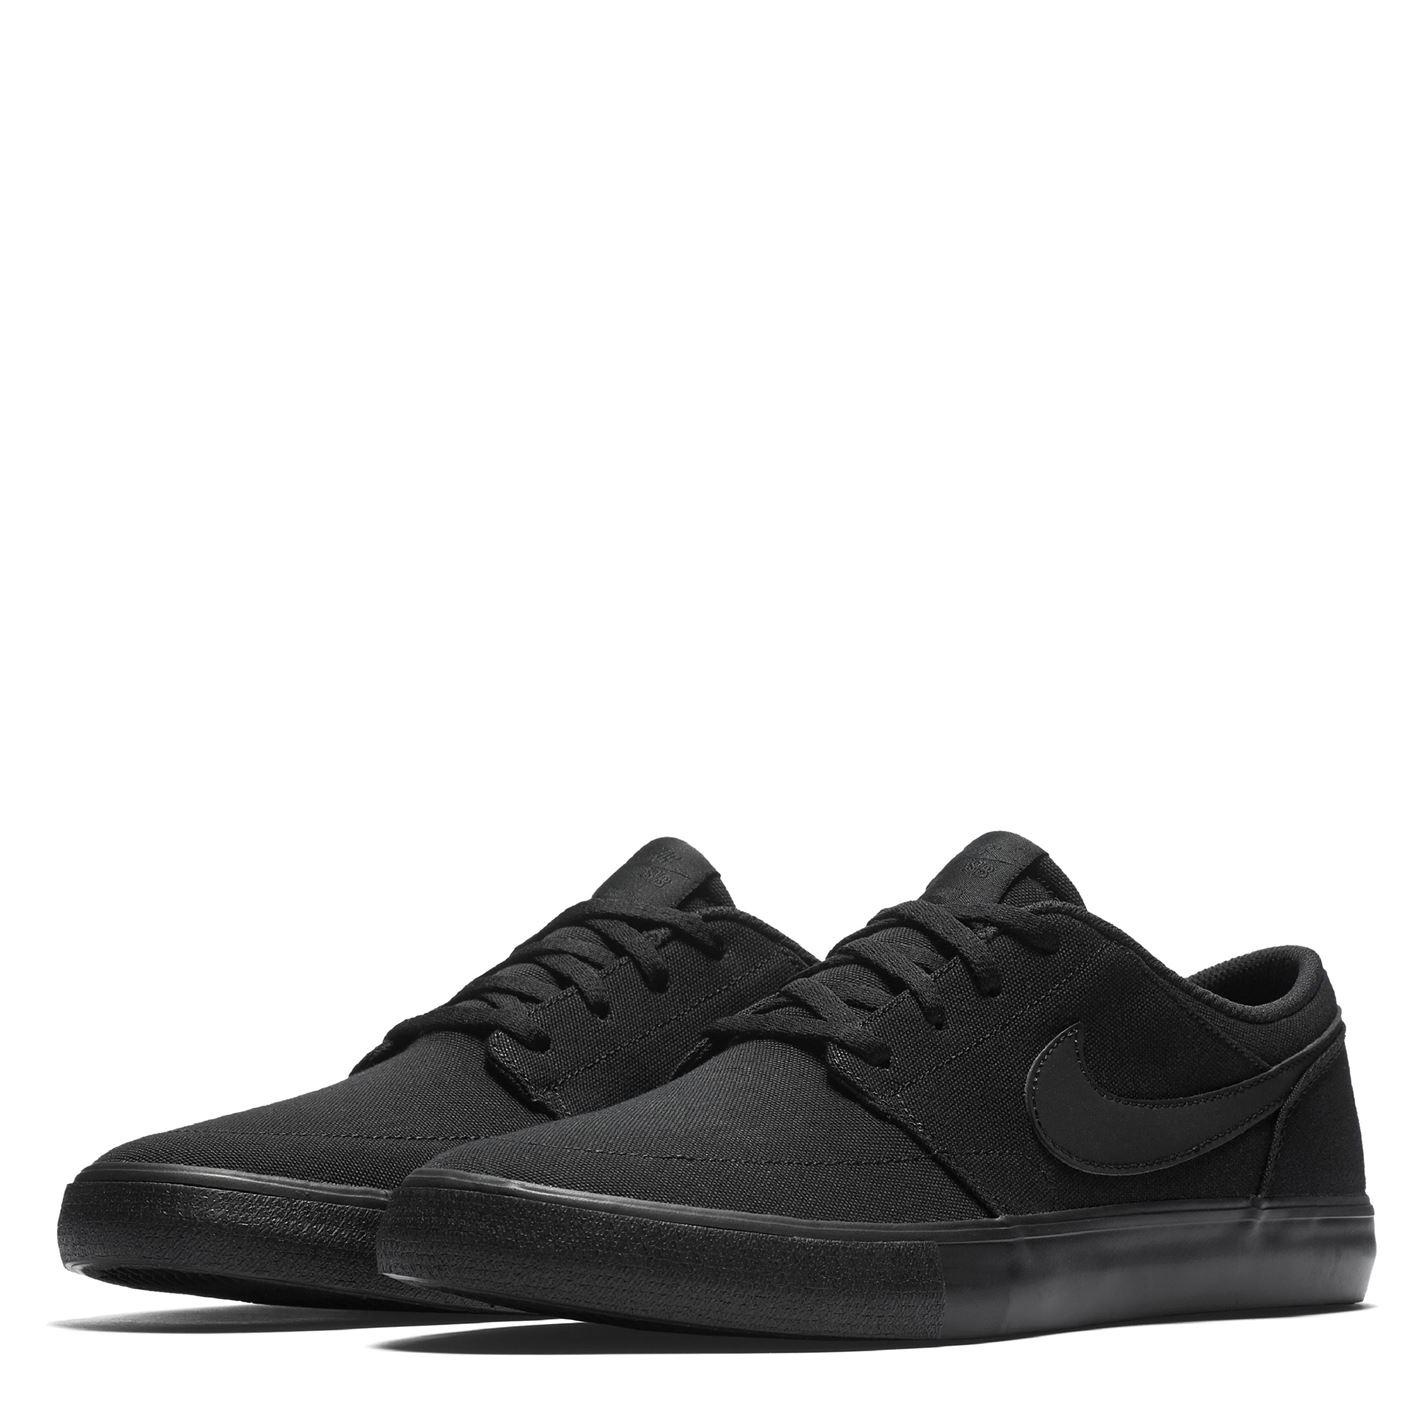 Nike SB Solarsoft Portmore 2 Skate Pánská obuv 24201503 9 (44)